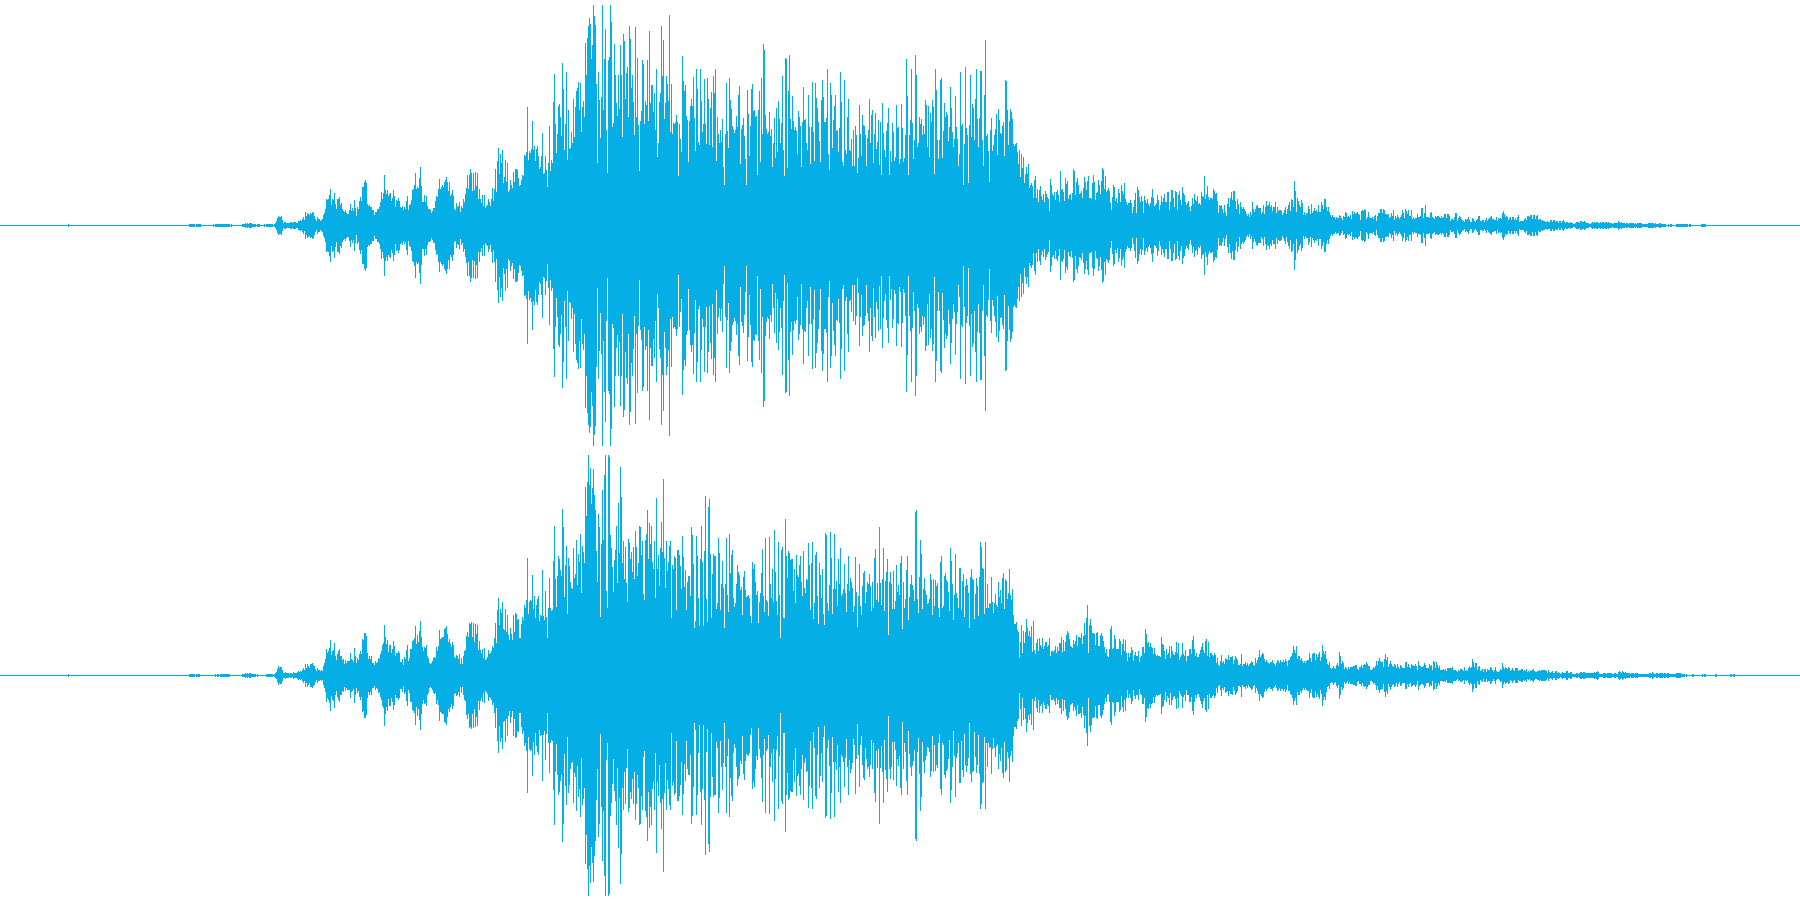 【ゲーム】ヒット_05 ビュンッドンッ!の再生済みの波形